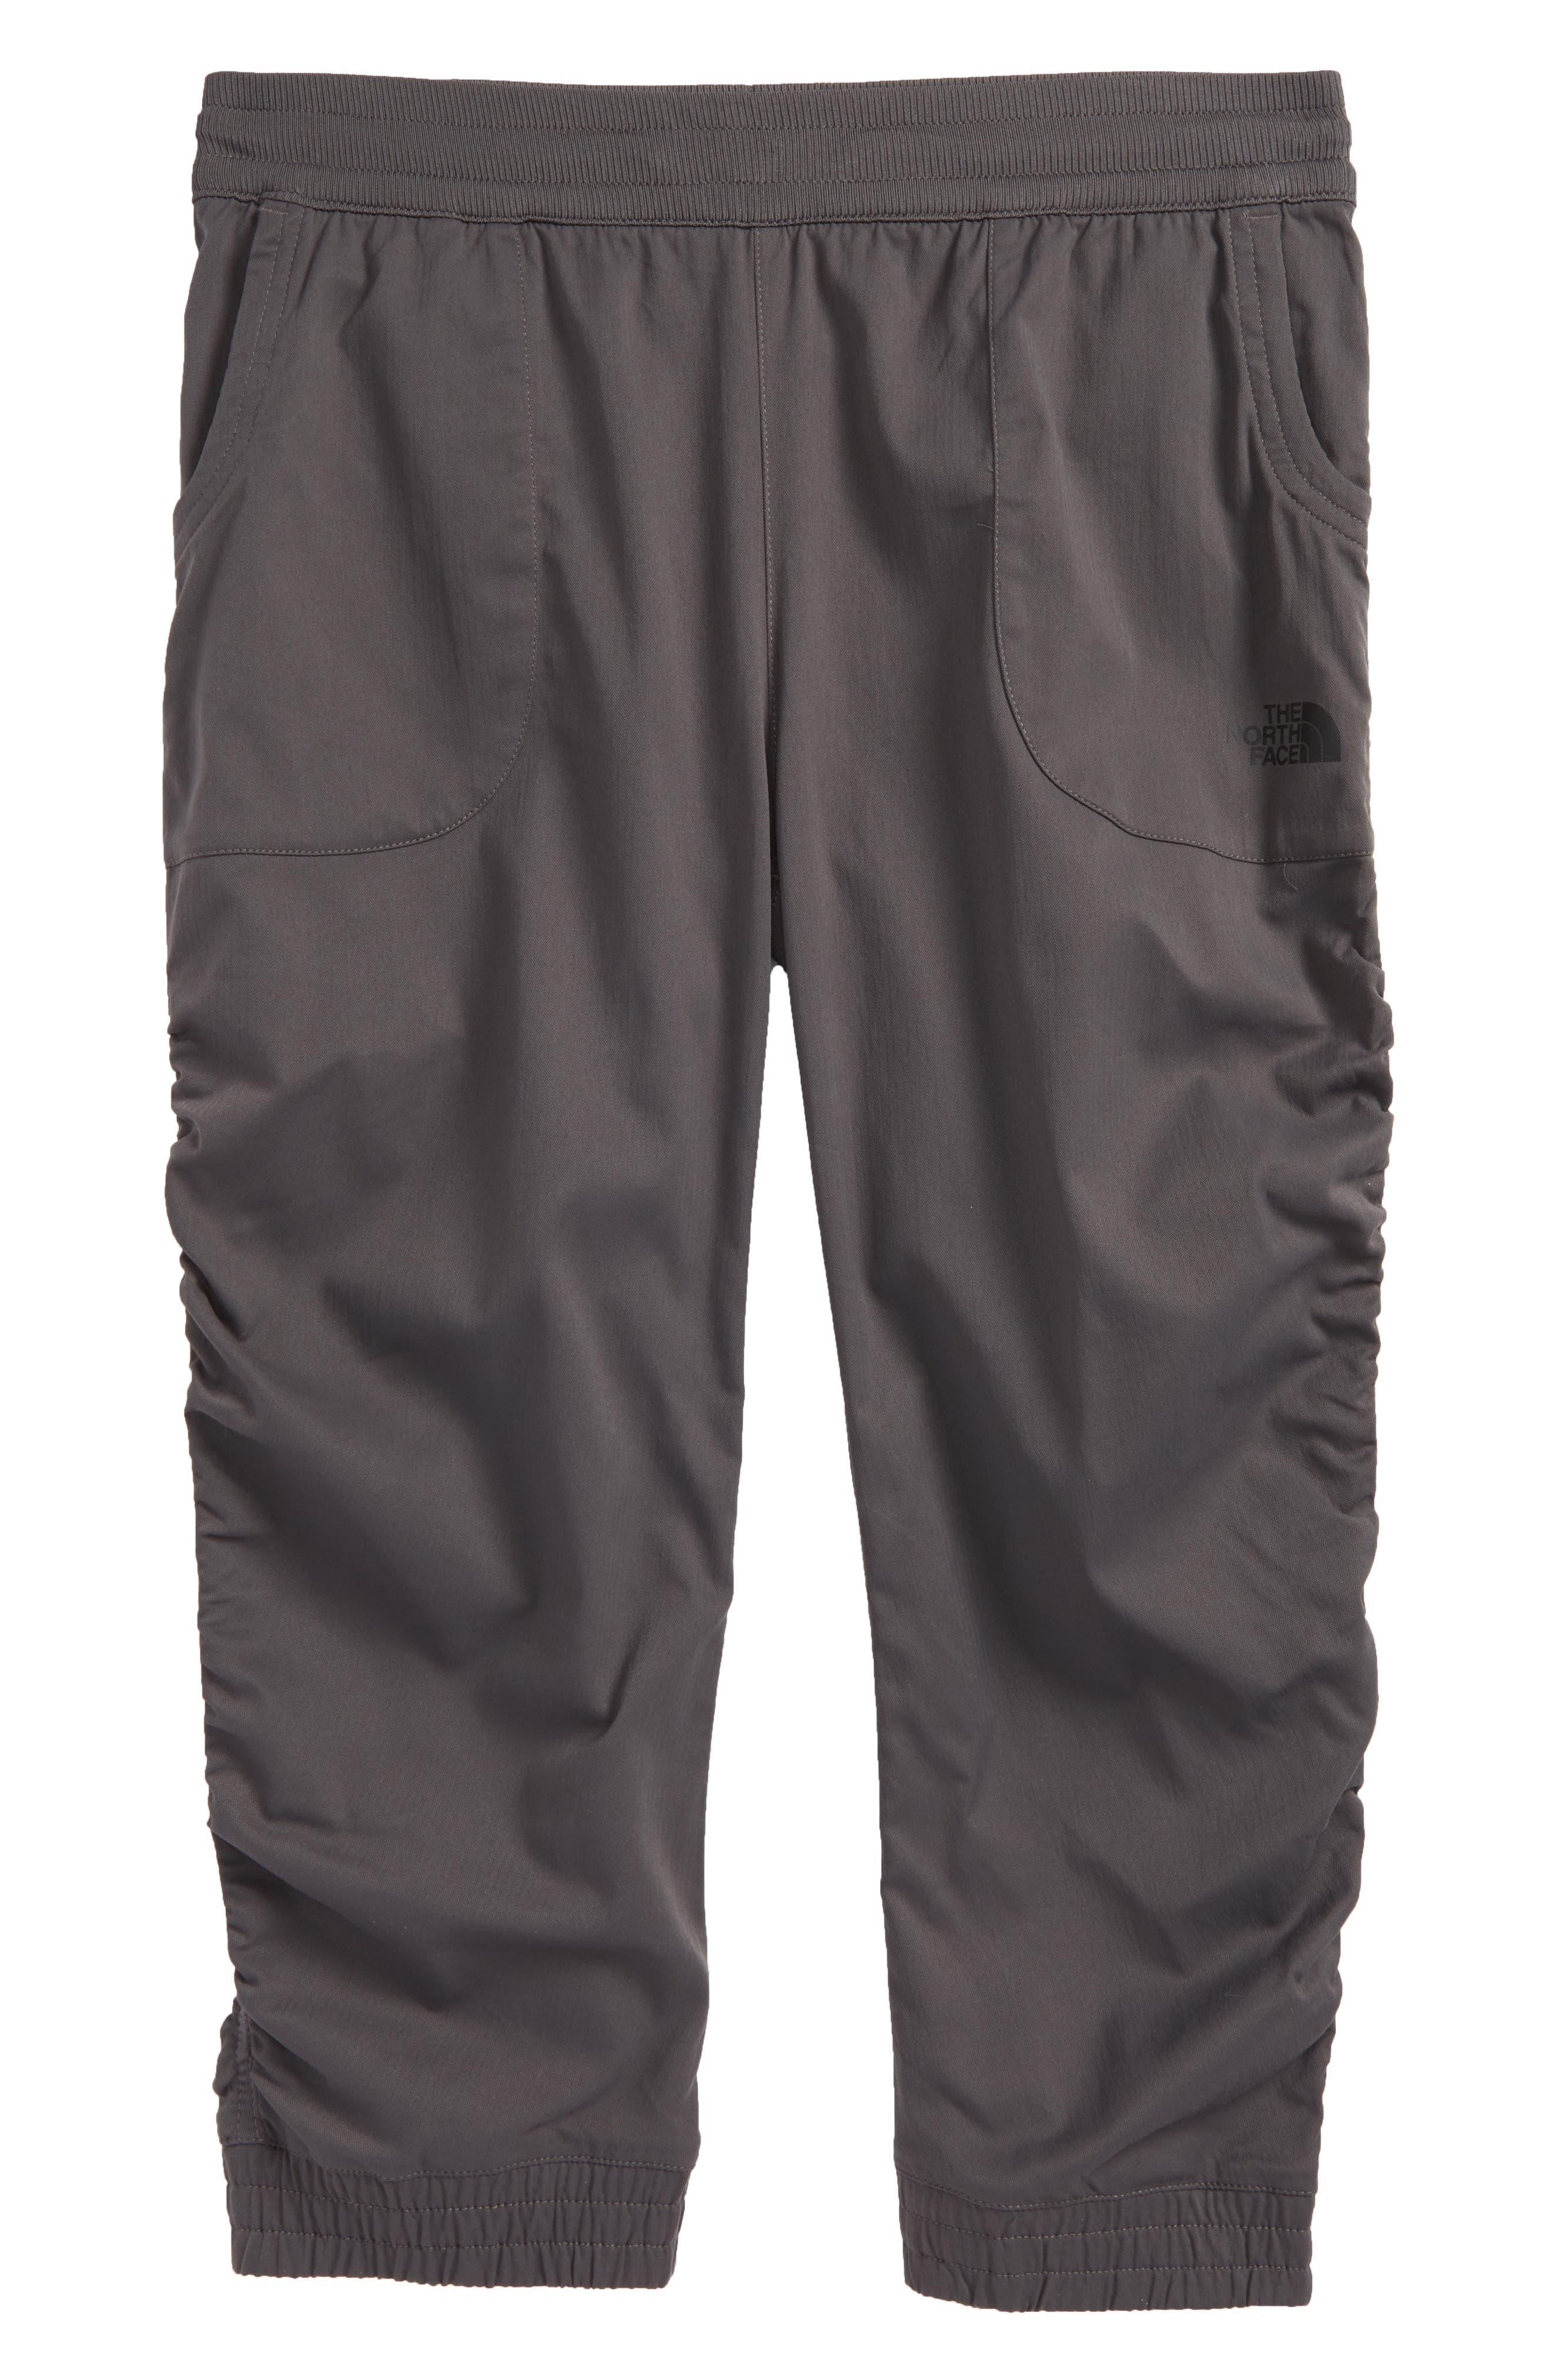 Aphrodite Pants,                         Main,                         color, 021